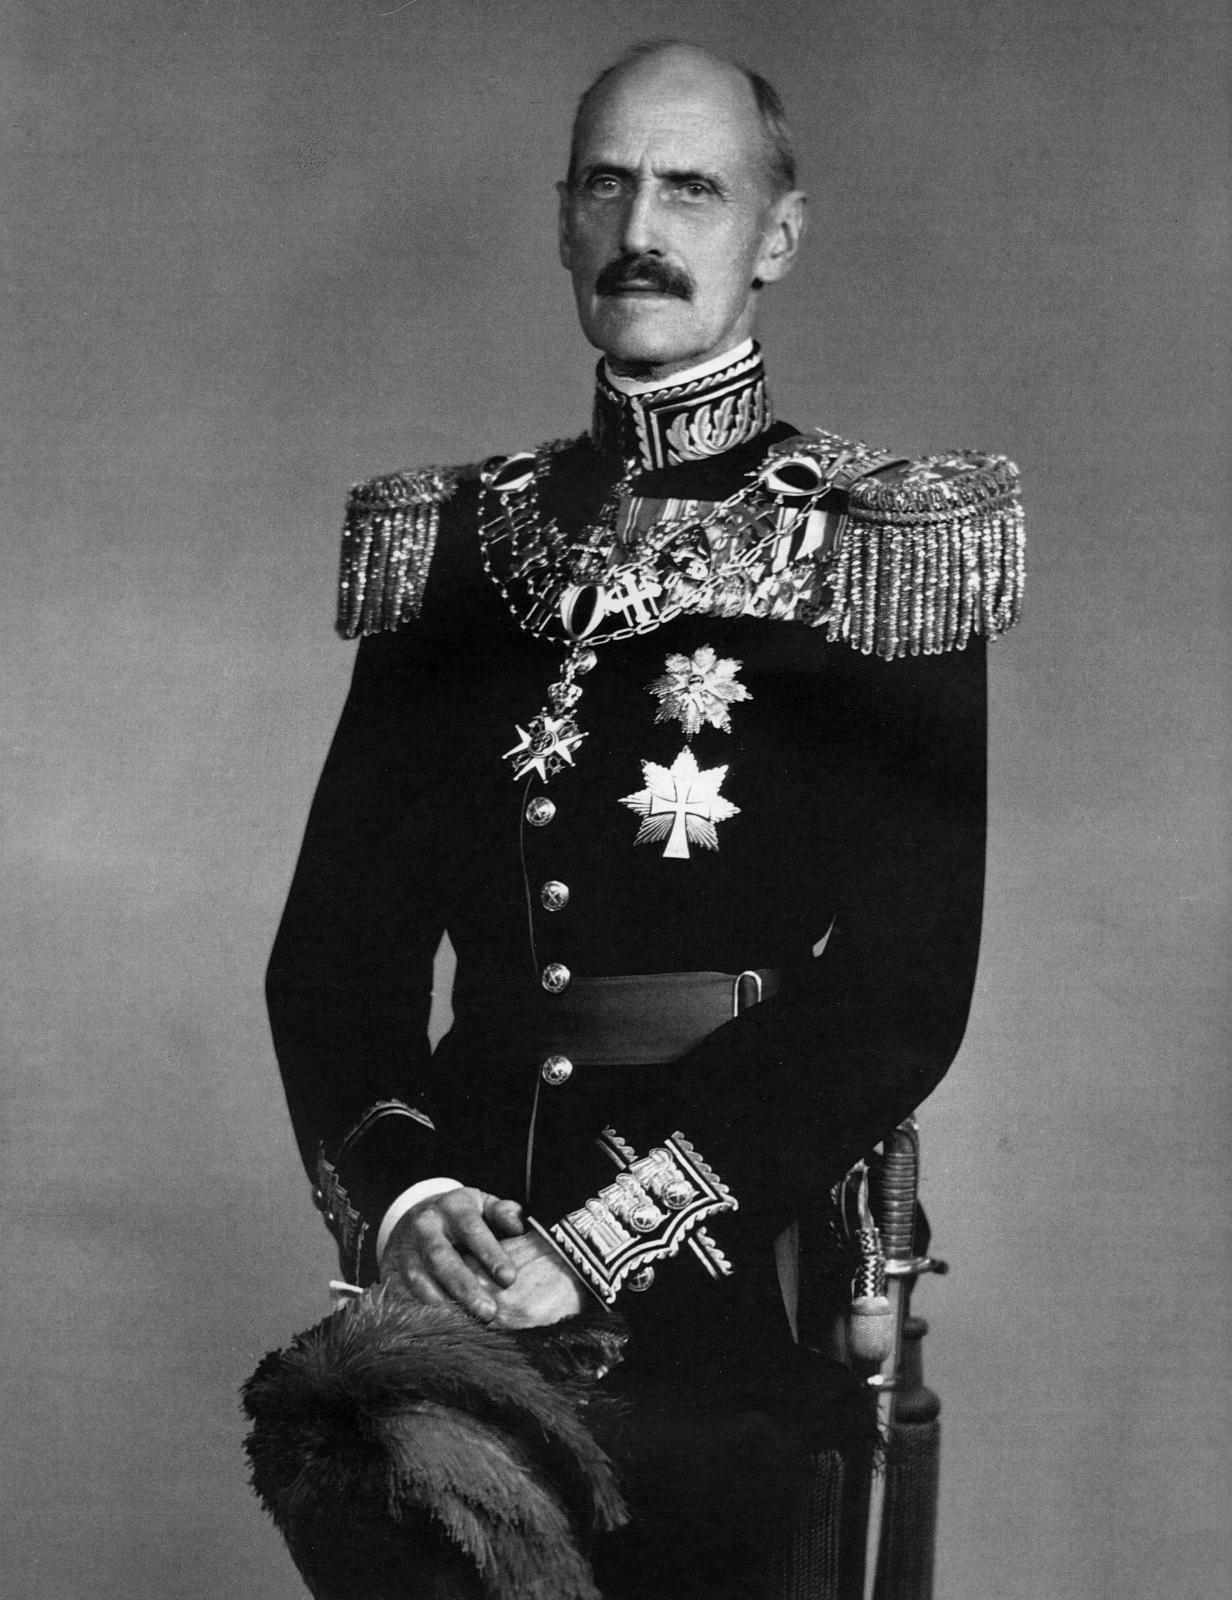 EN ANNEN HISTORIE: Hadde kong Haakon fått viljen sin i 1914, ville markeringen av 100-årsminnet for krigsutbruddet vært langt viktigere også for Norge, skriver BTs anmnelder.